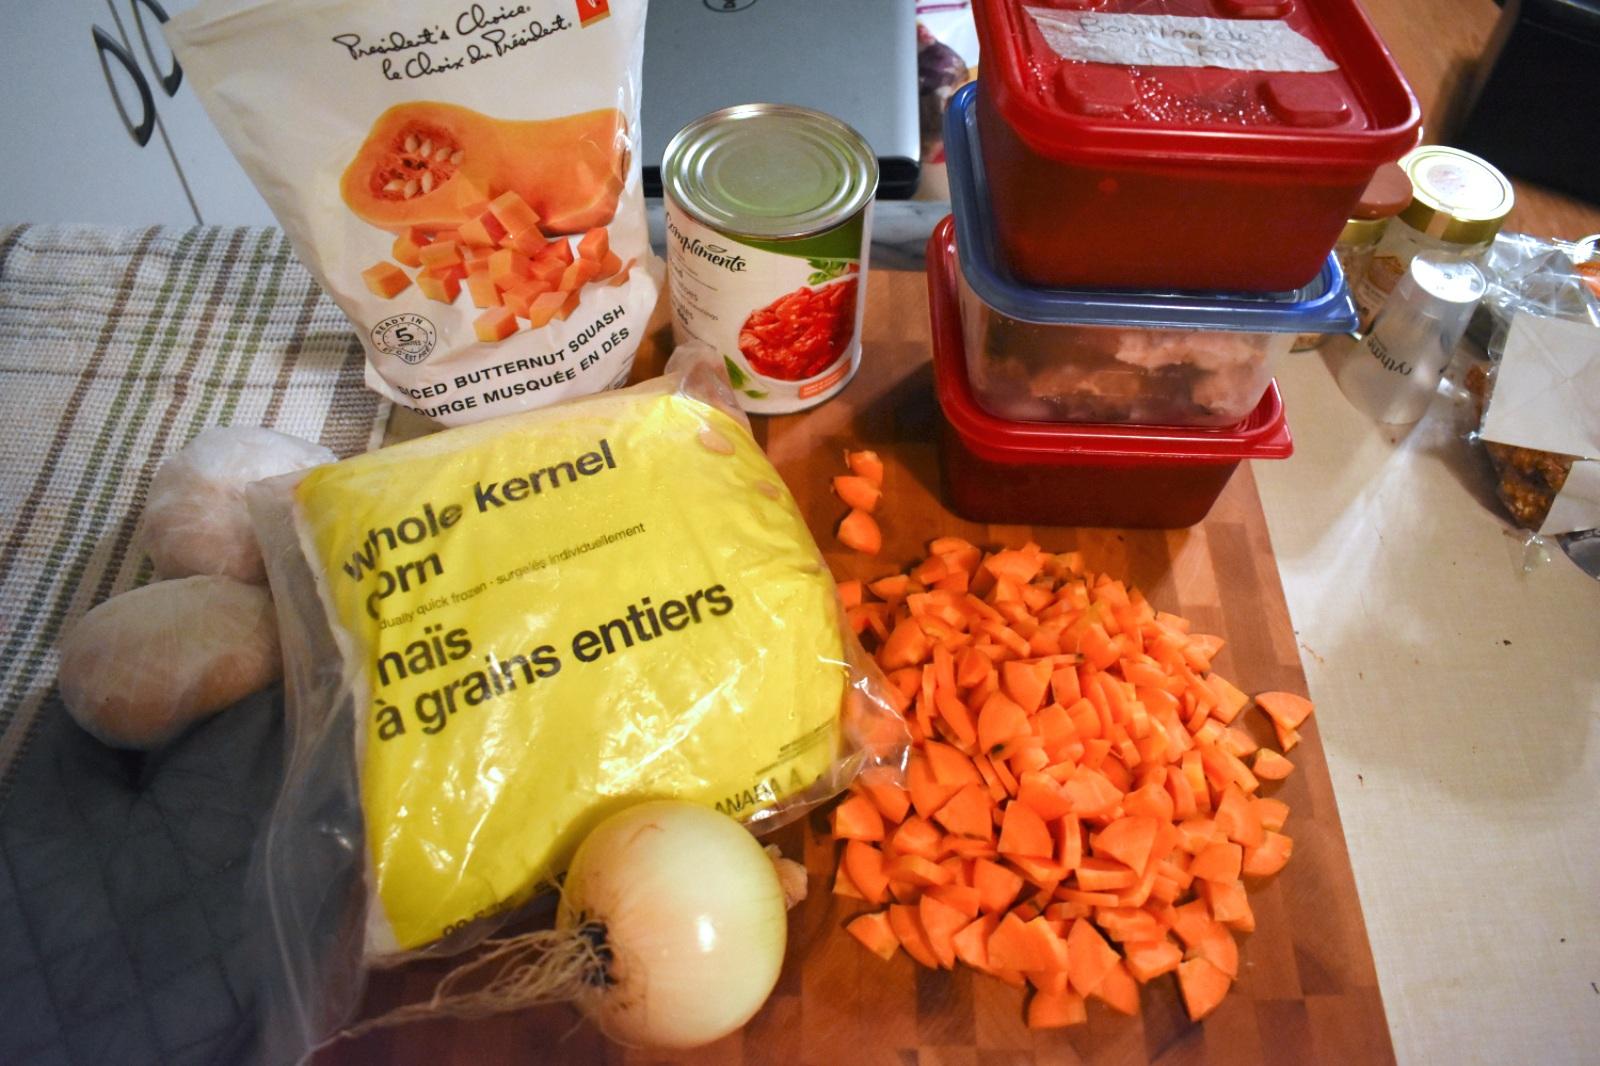 Soupe aux légumes au jambon - Auboutdelalangue.com (2)